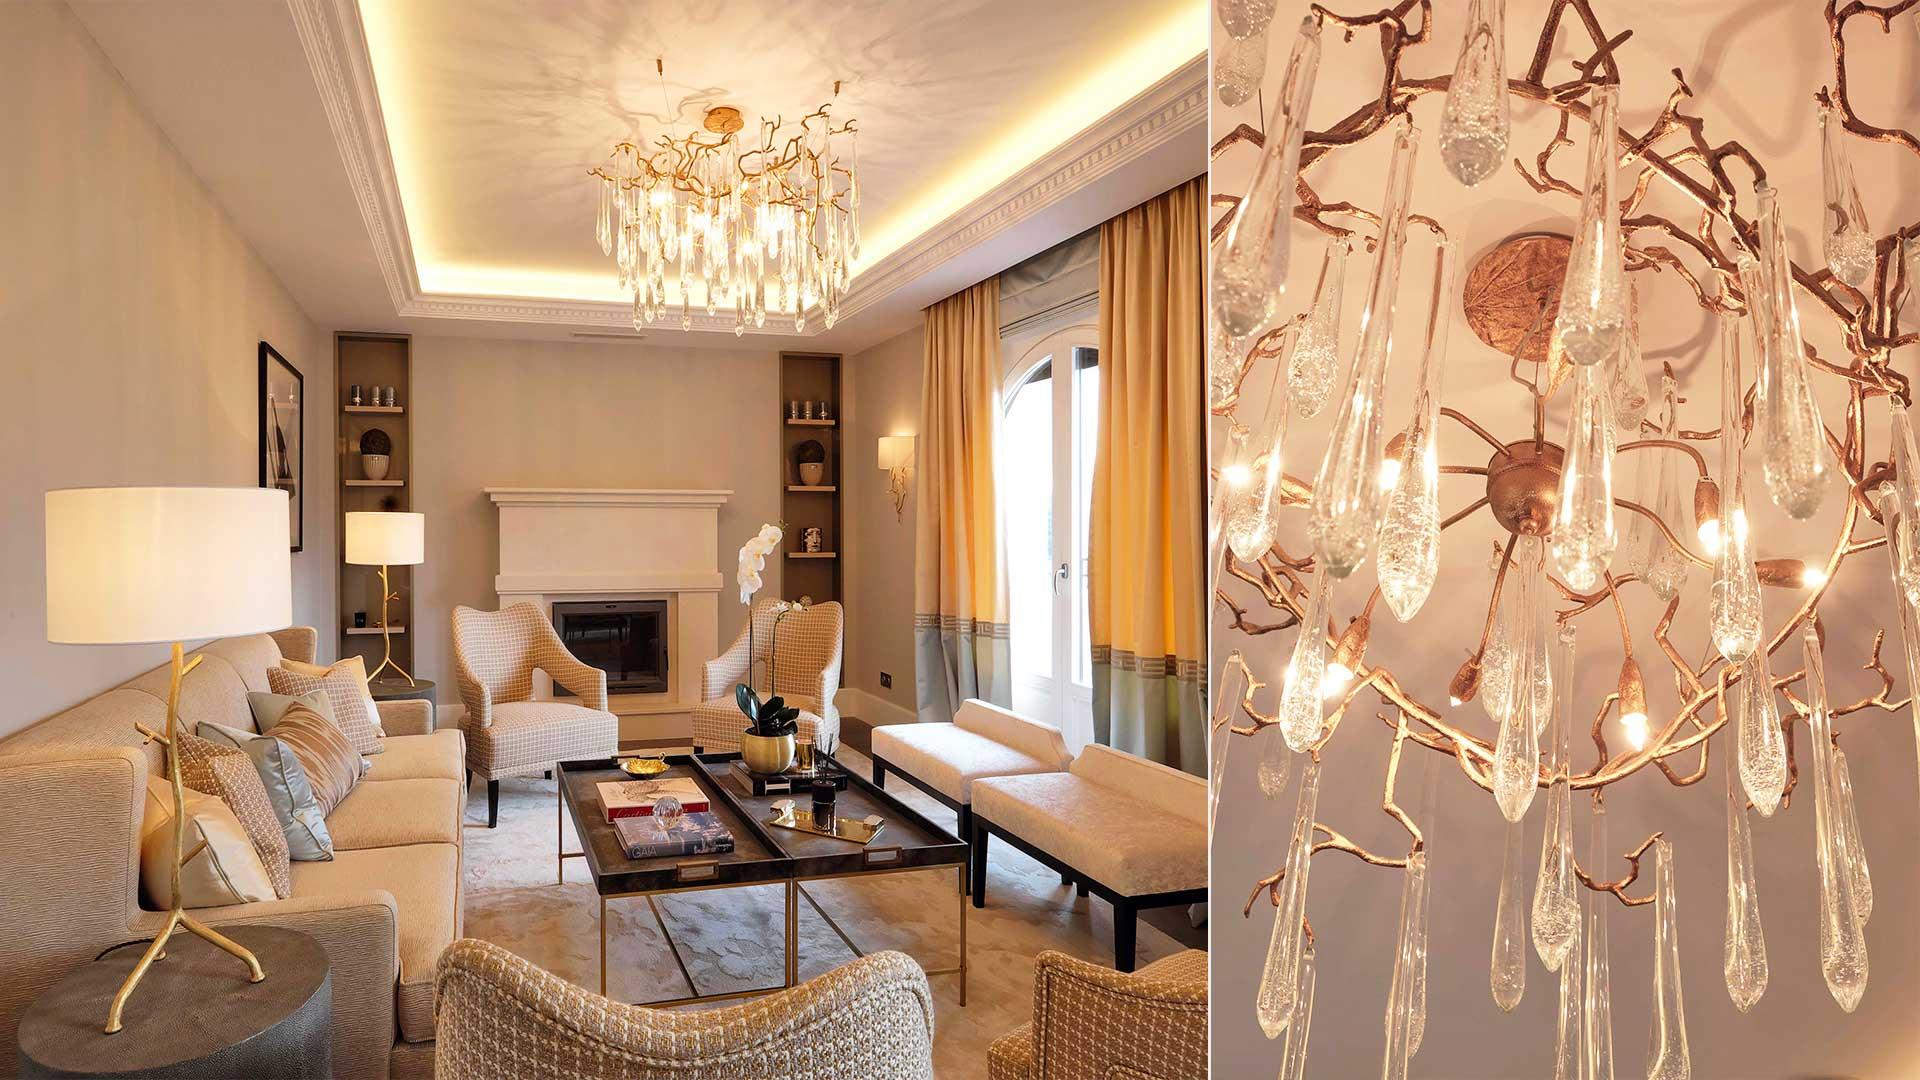 MADRID-RESIDENTIAL-APARTMENT-01-Dome-interior-design-Geneve-Suisse